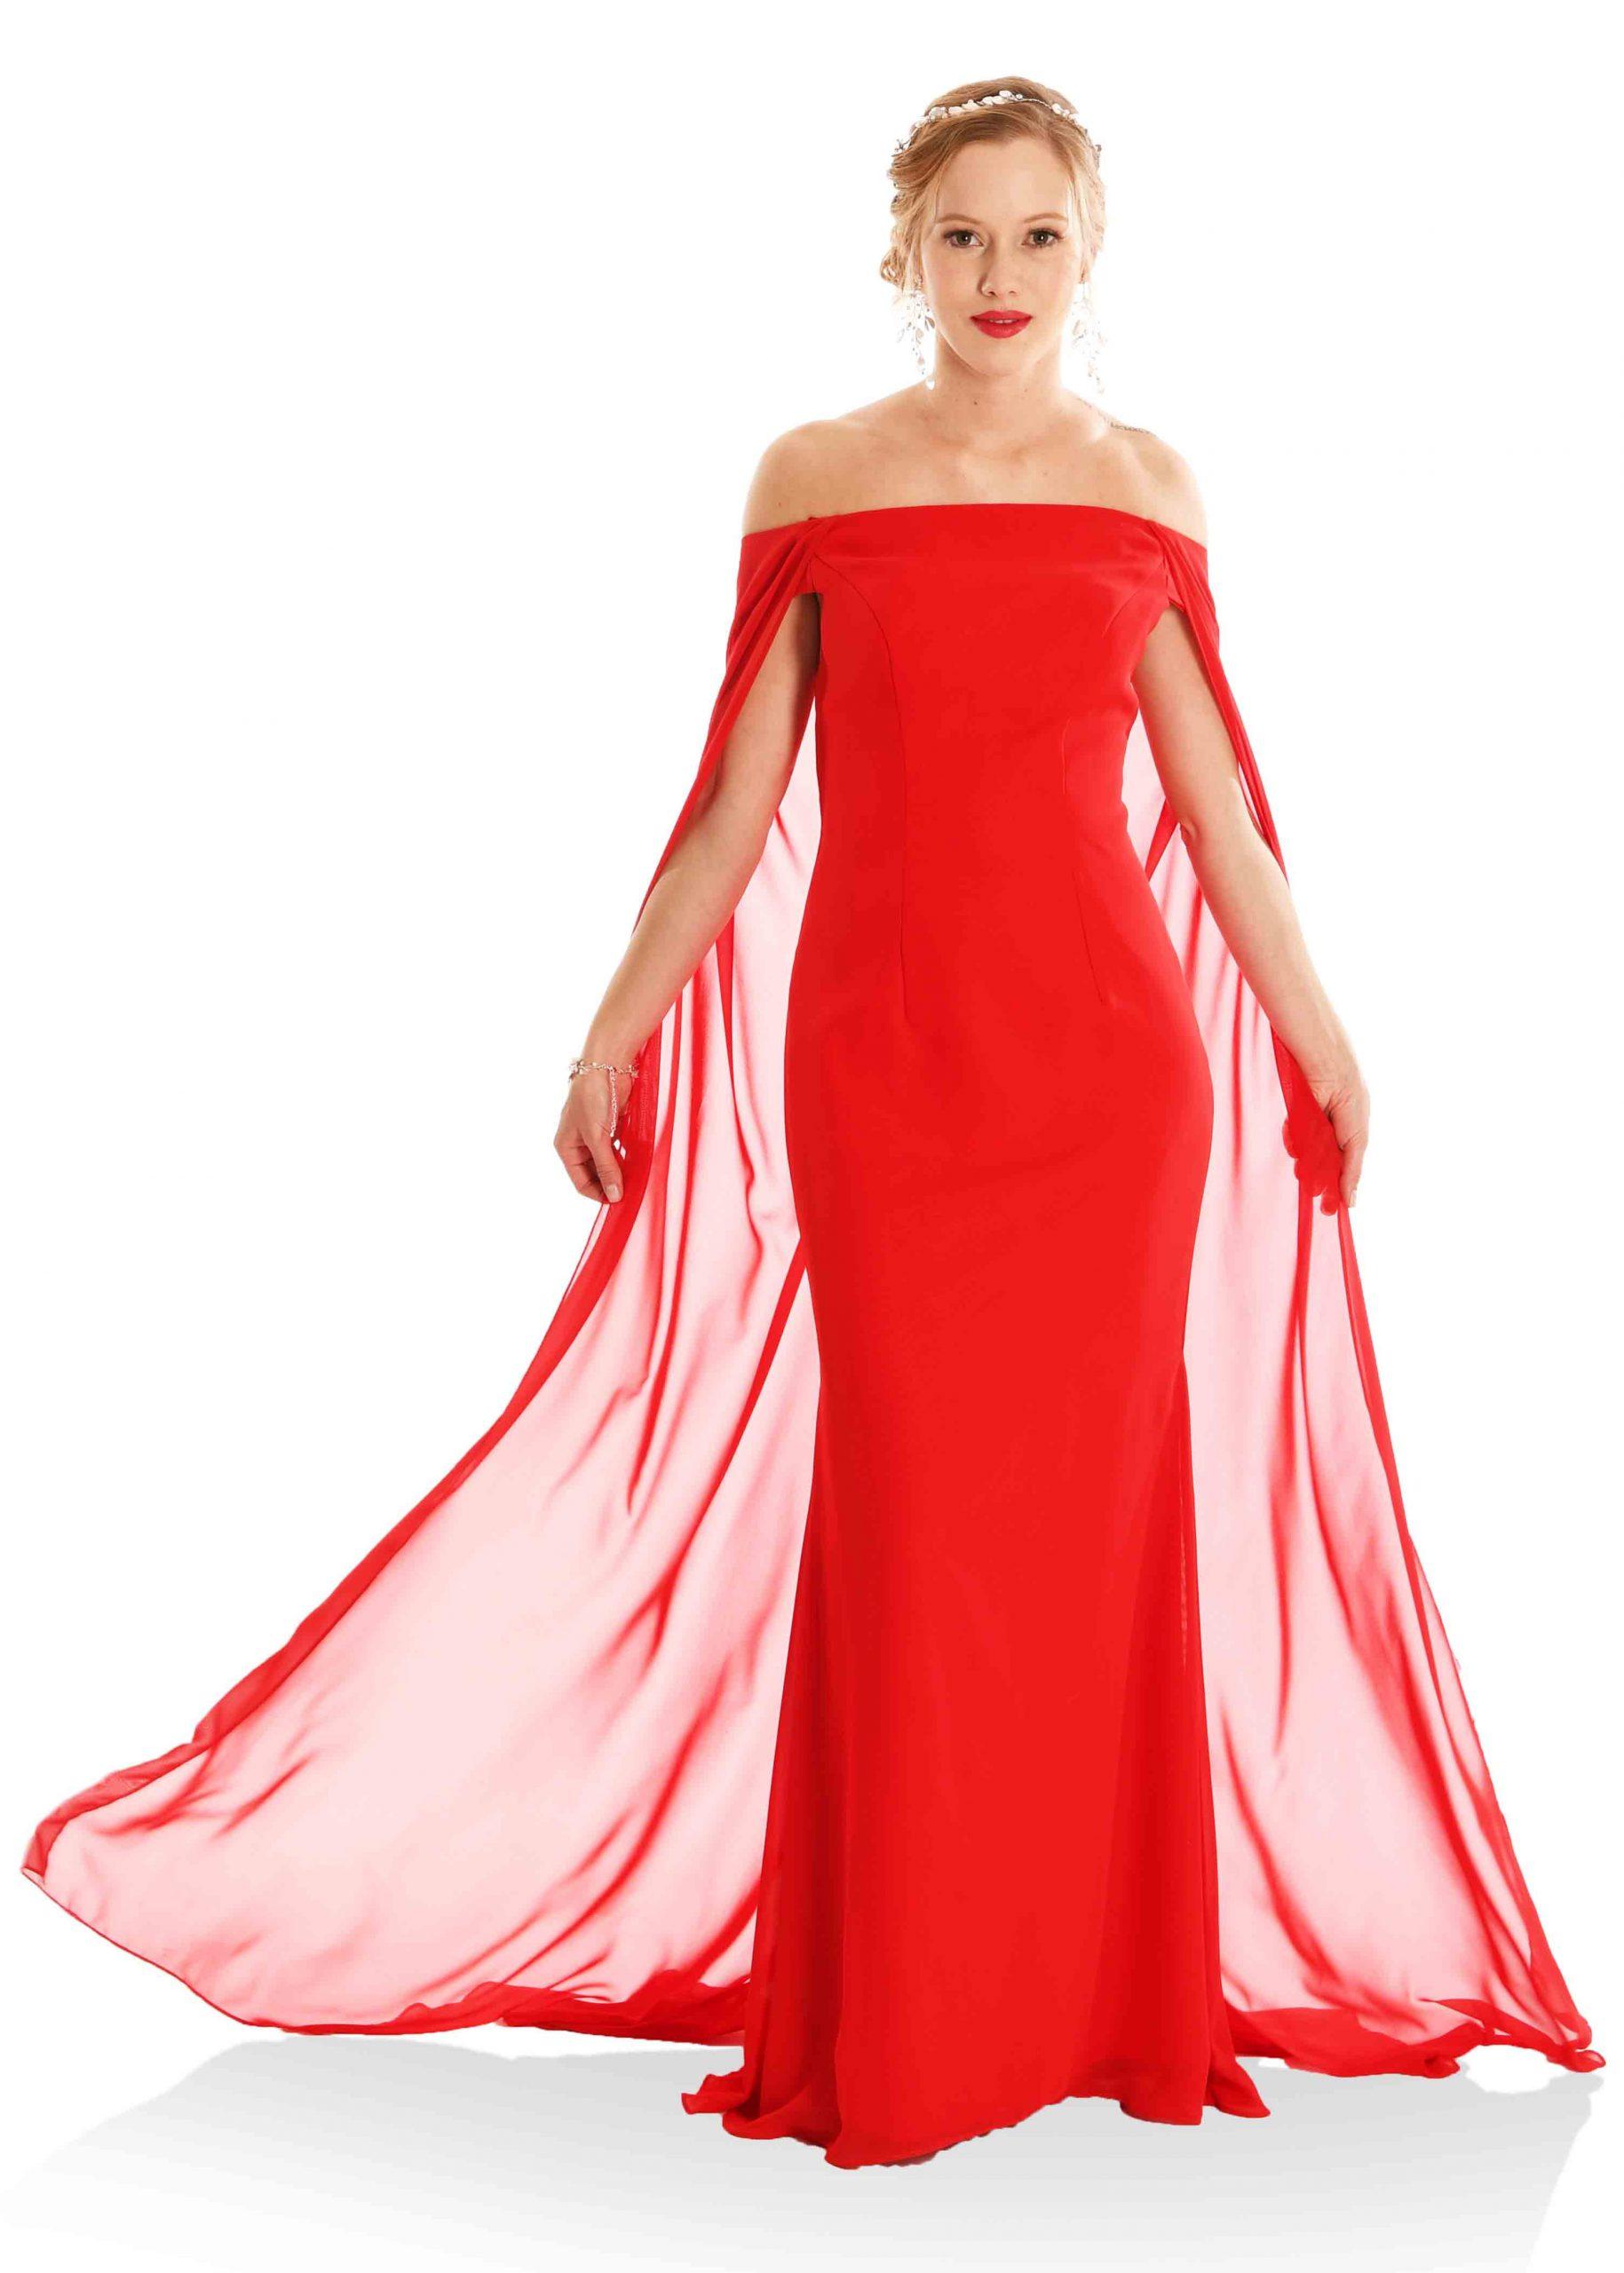 Top Abendbekleidung Für Damen für 2019Designer Schön Abendbekleidung Für Damen Galerie